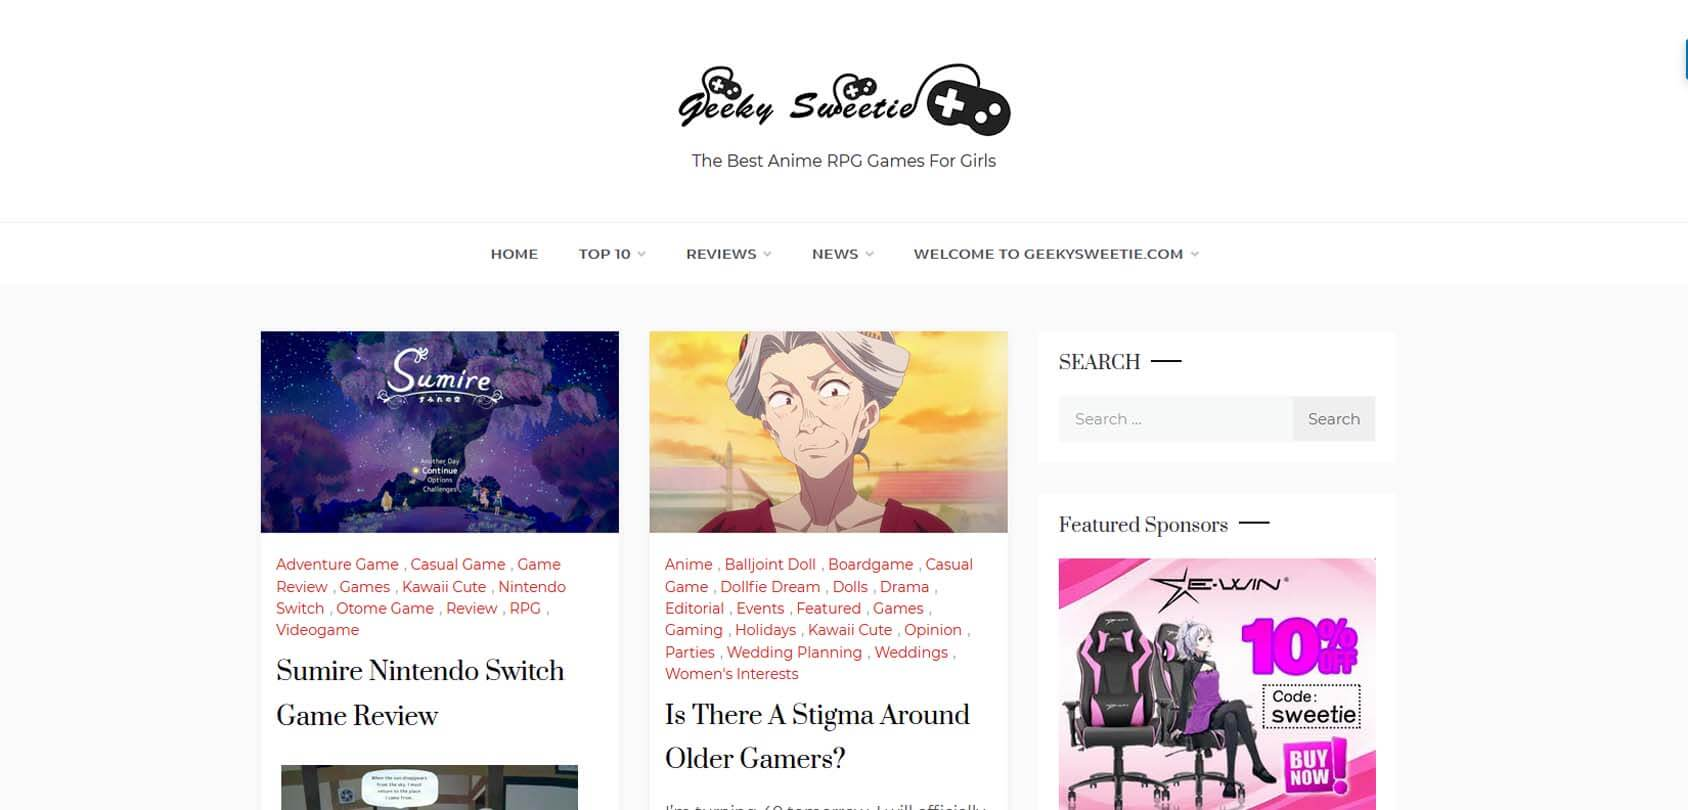 Geeky Sweetie Homepage